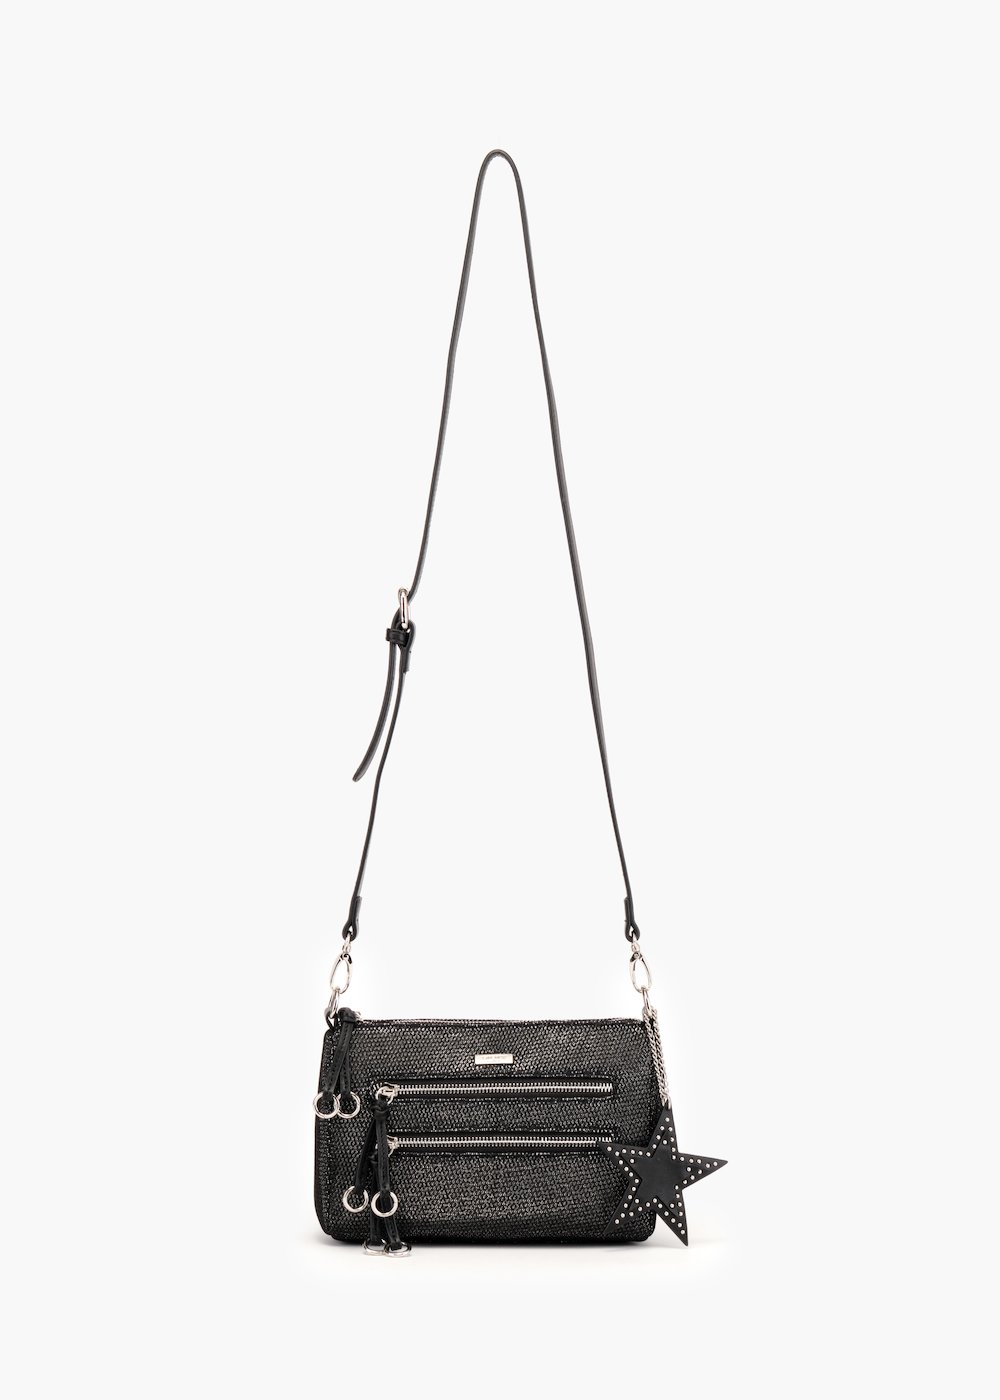 Bily pochette with shoulder strap in glitter fabric - Black / Silver - Woman